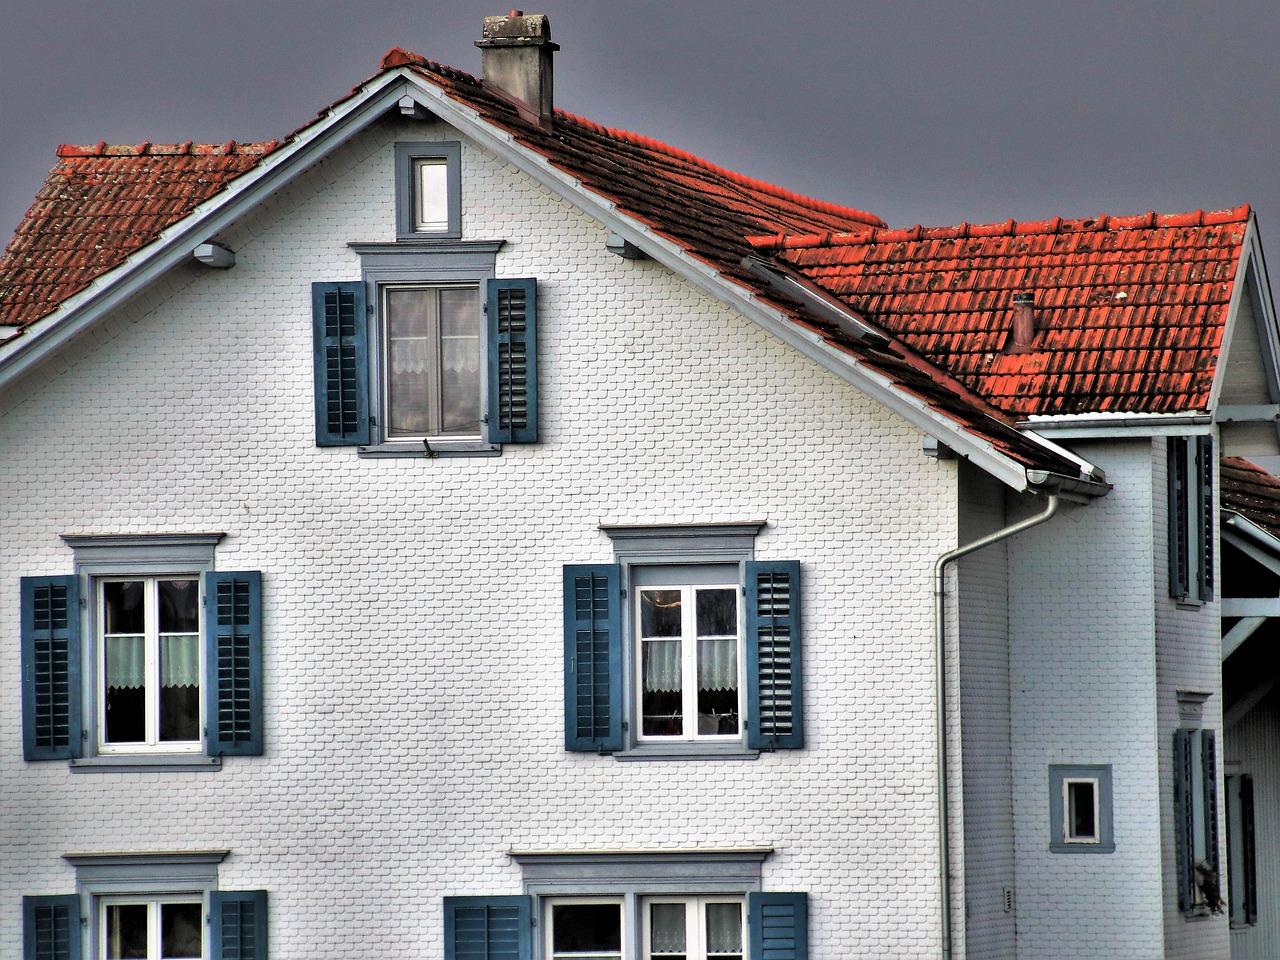 Koszty nieszczelności budynku – badanie szczelności powietrznej budynku. Testy szczelności budynku